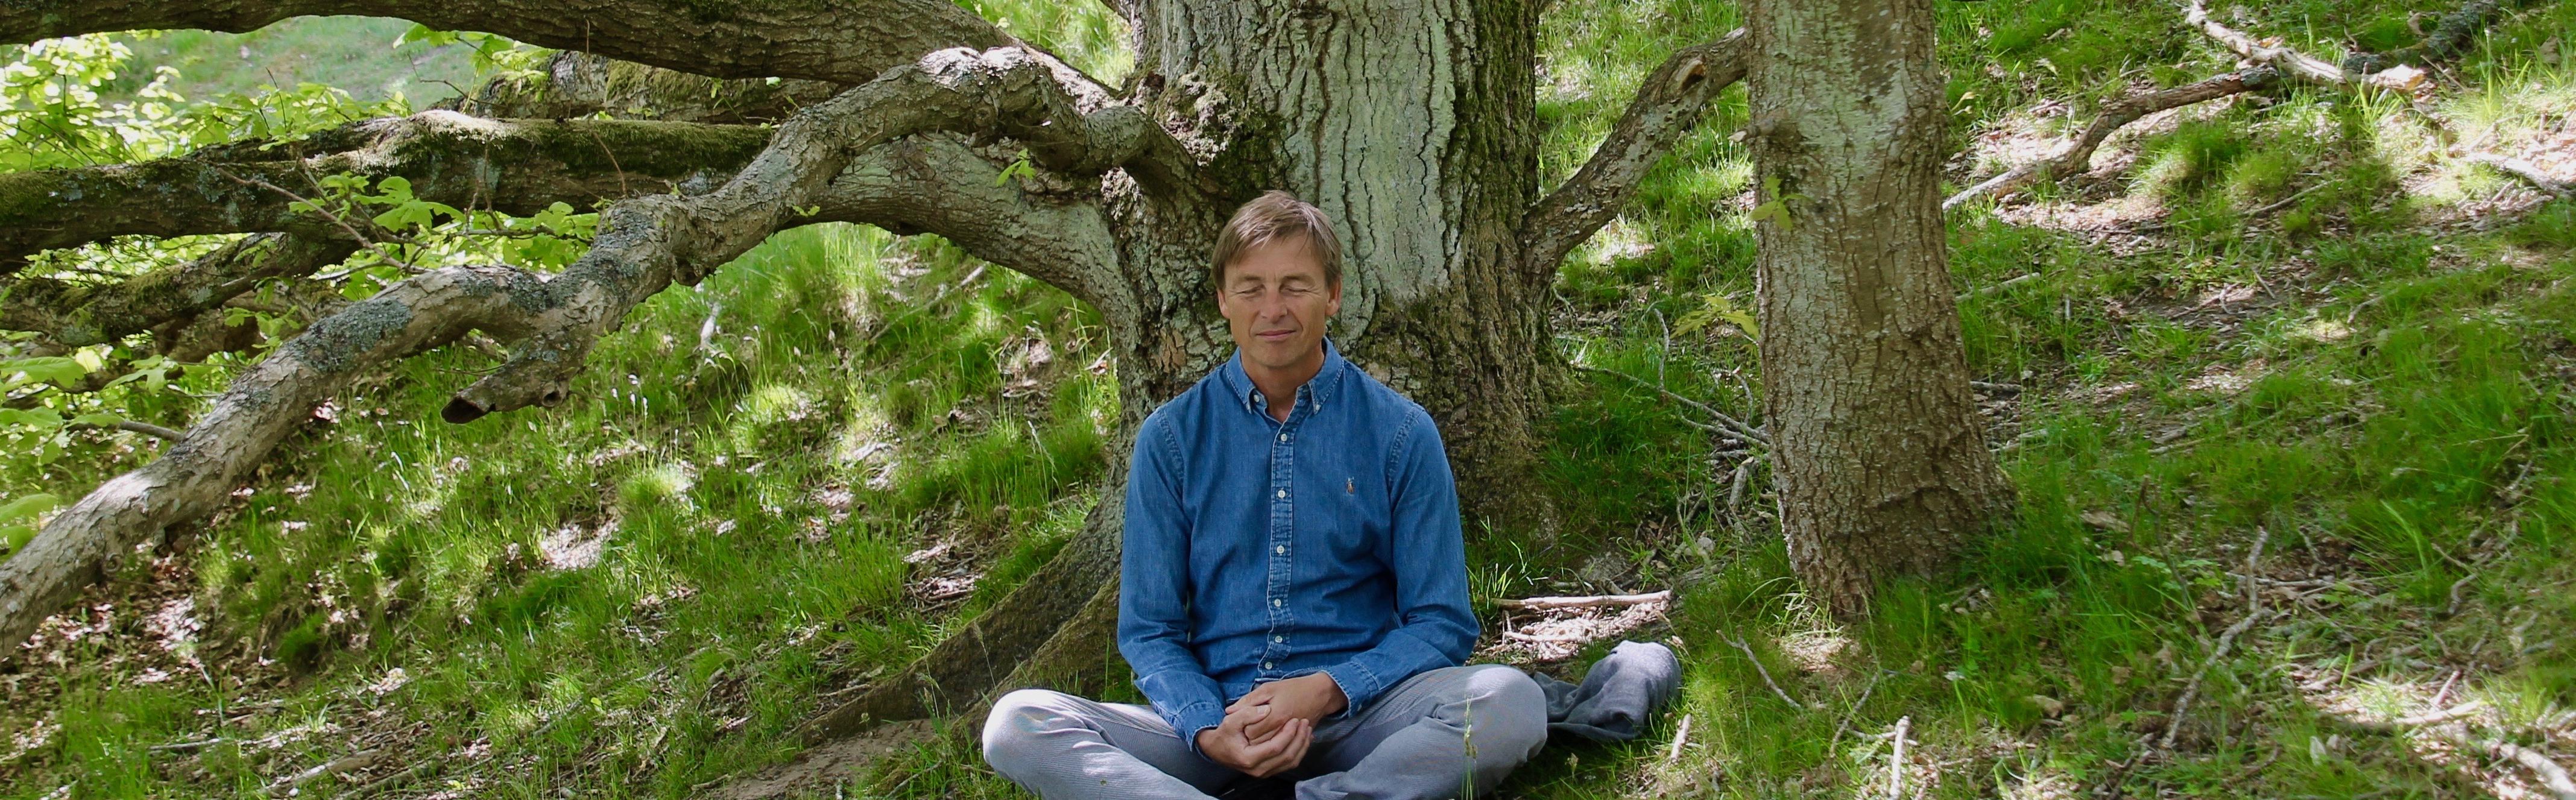 Hvordan virker meditation og hvad siger videnskaben?